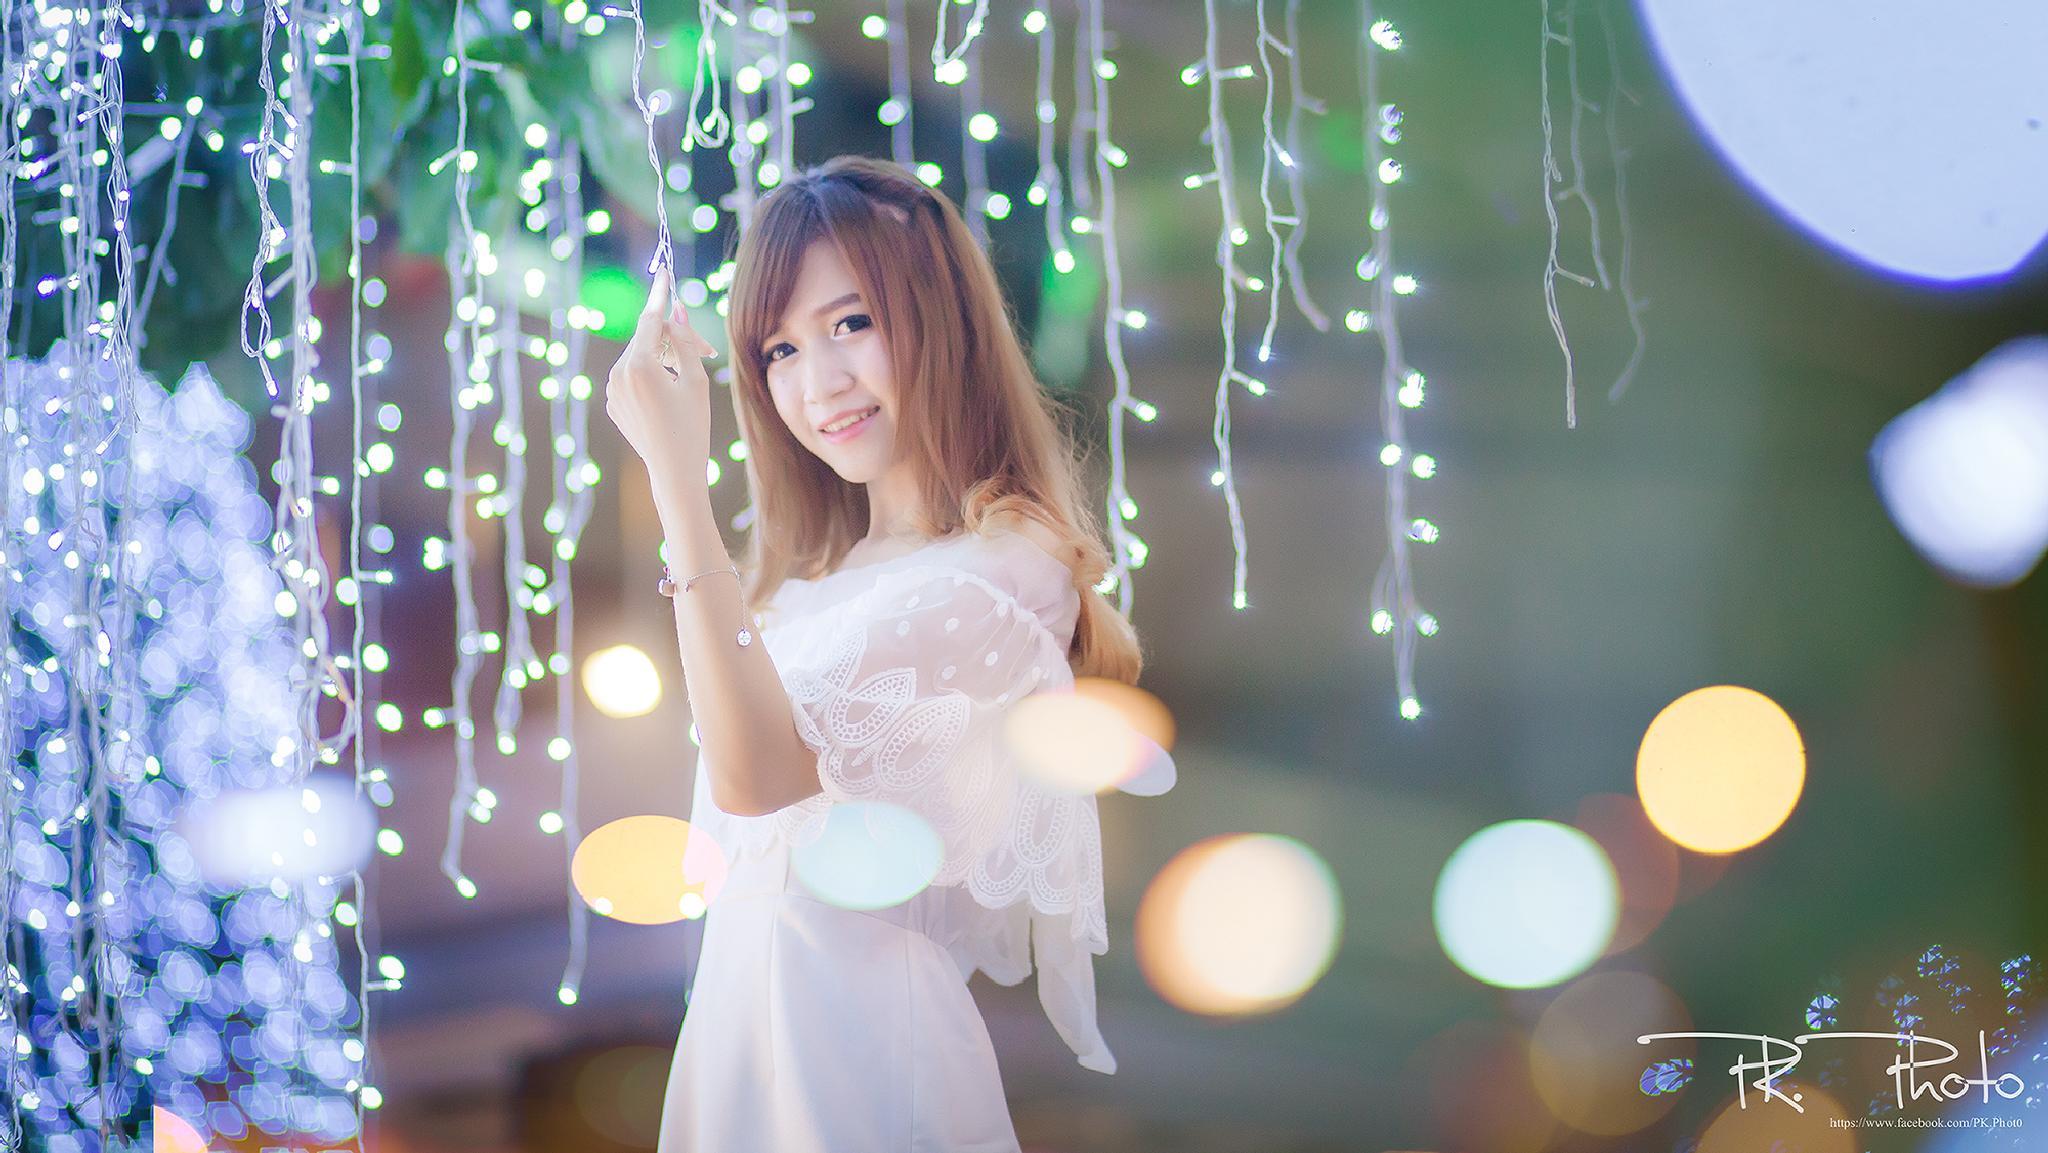 Smile by Weerapol Wongsanti